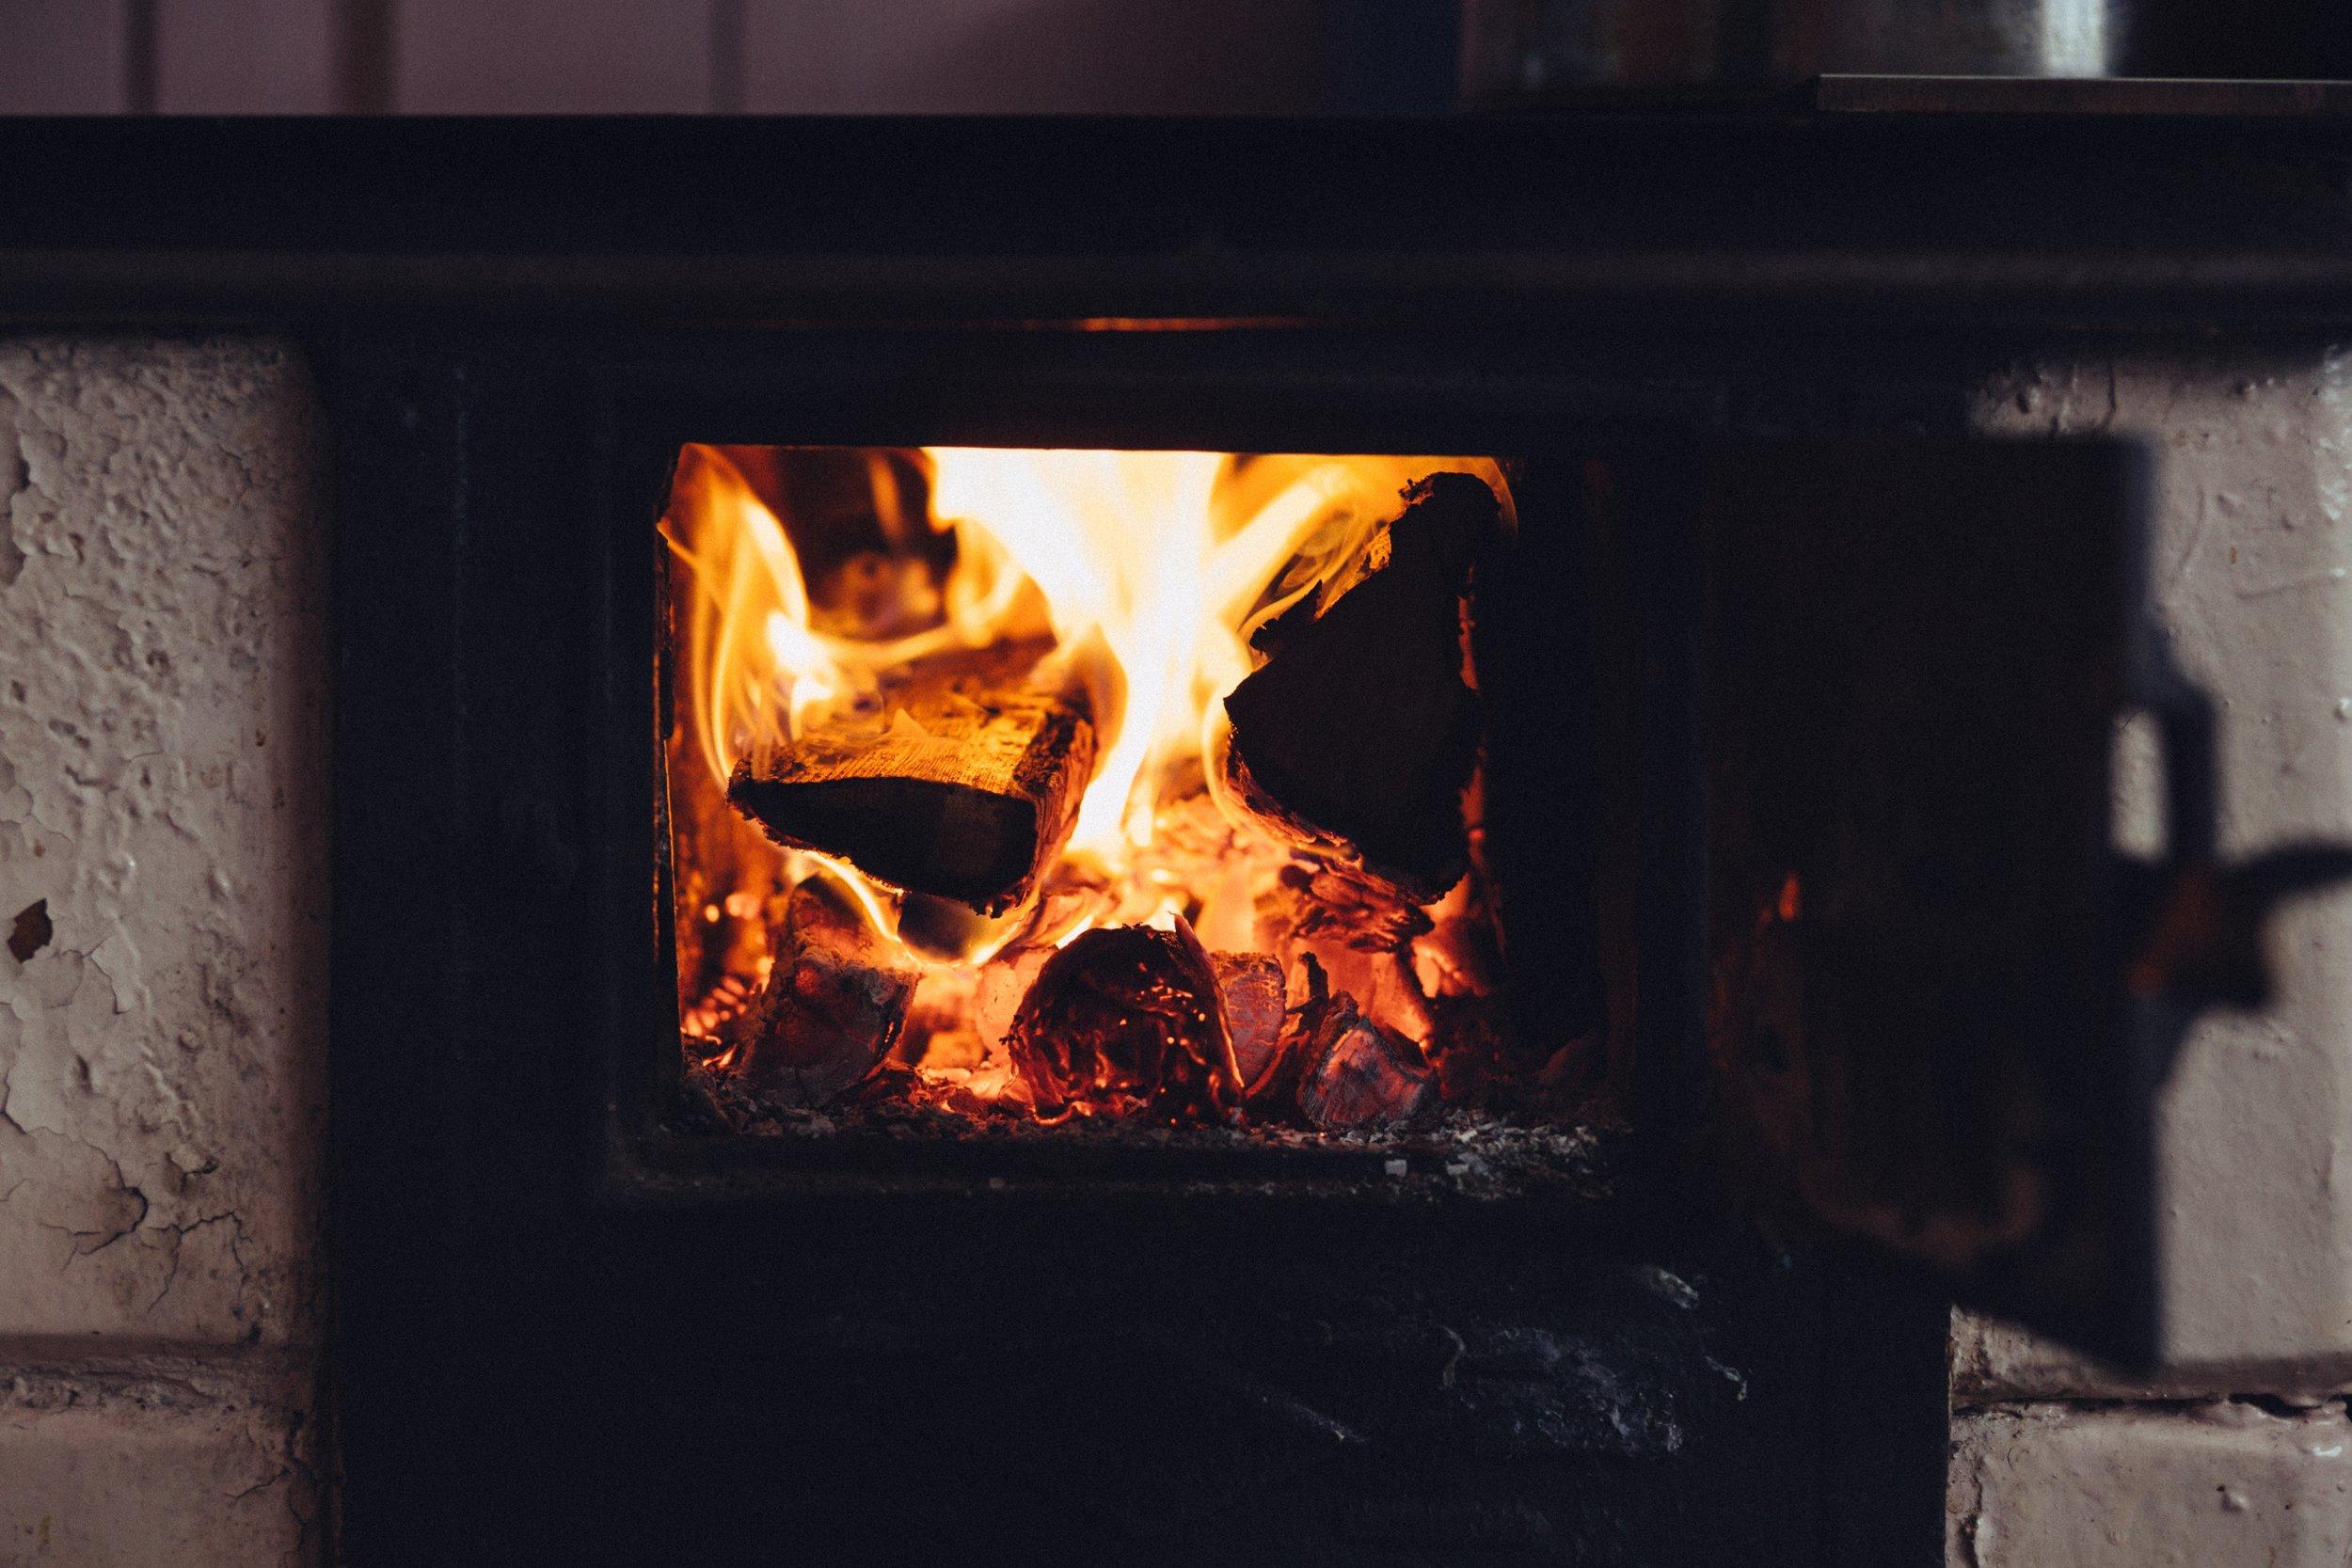 ash-blaze-bonfire-391995.jpg